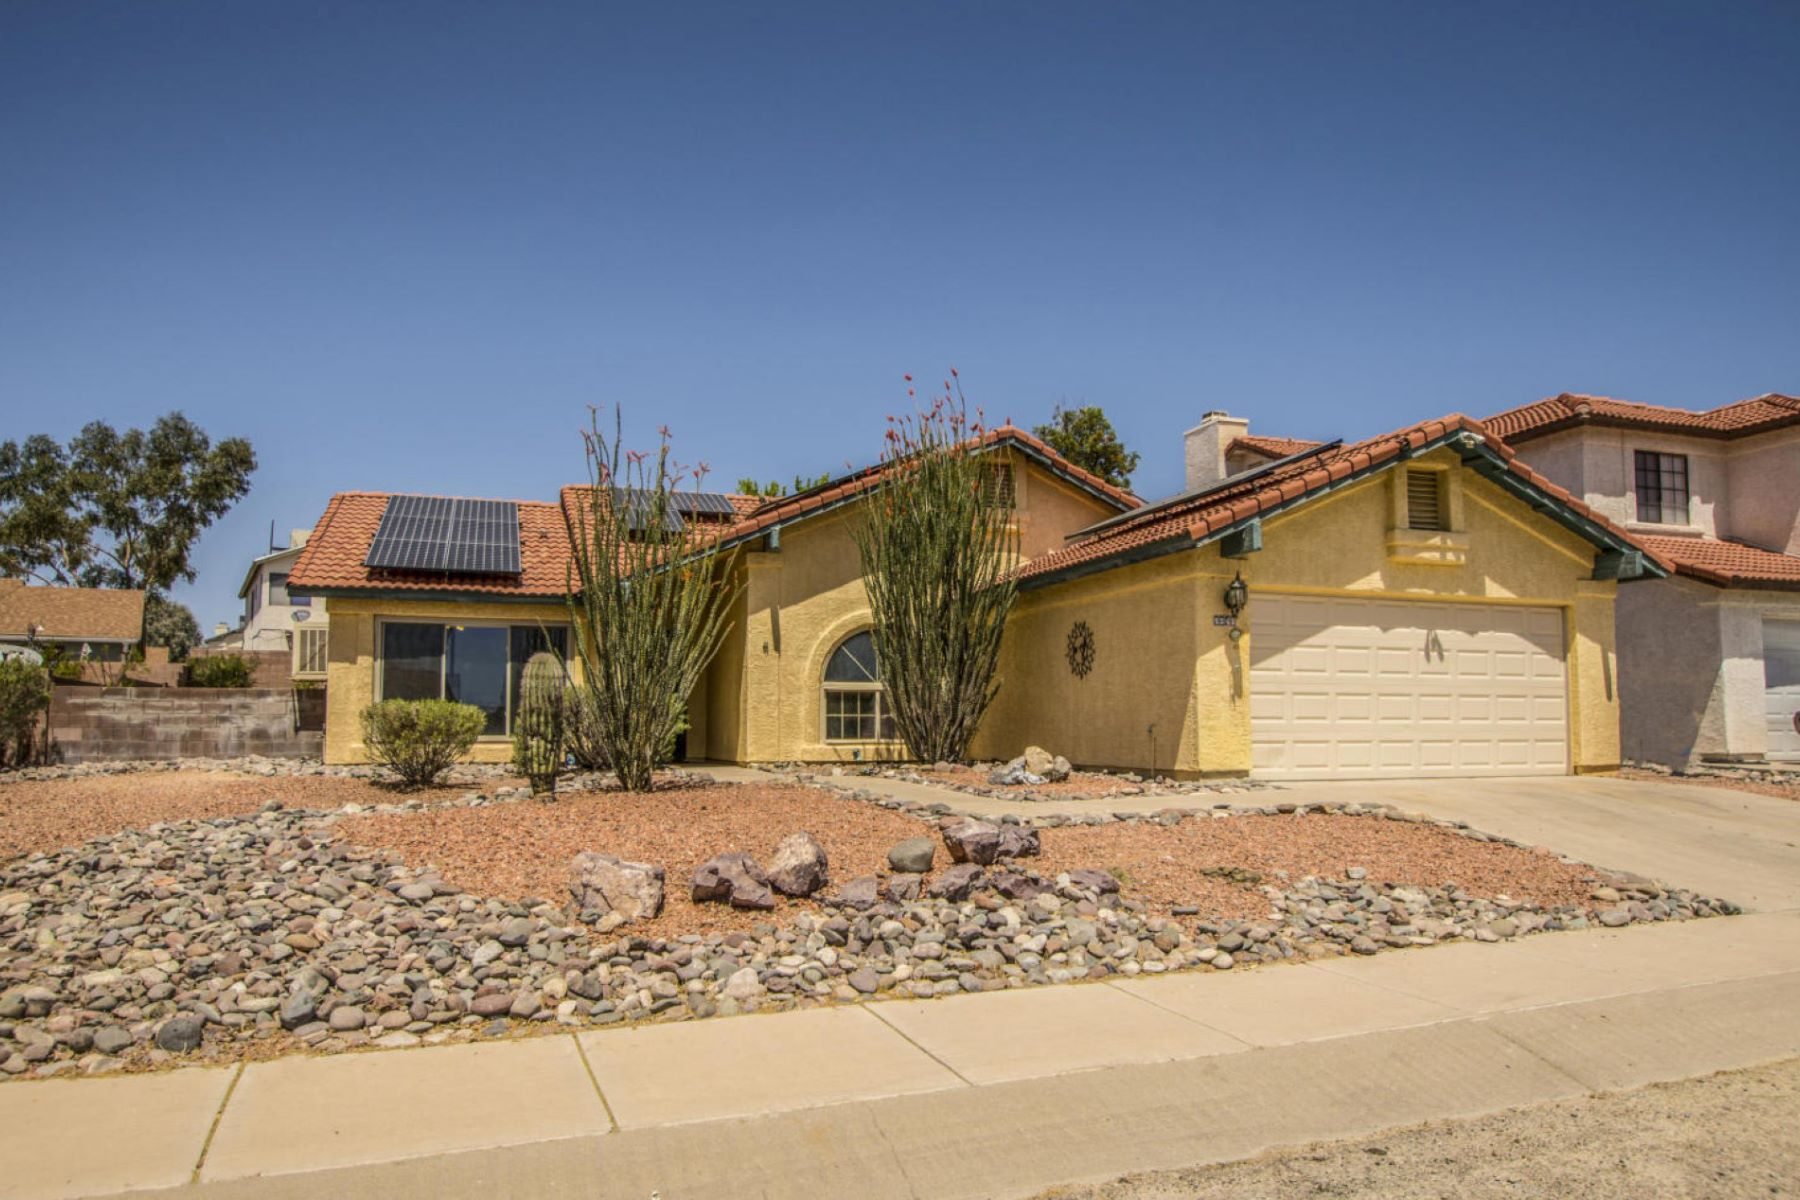 Частный односемейный дом для того Продажа на Energy Efficient Home 5240 W Grouse Way Tucson, Аризона, 85742 Соединенные Штаты